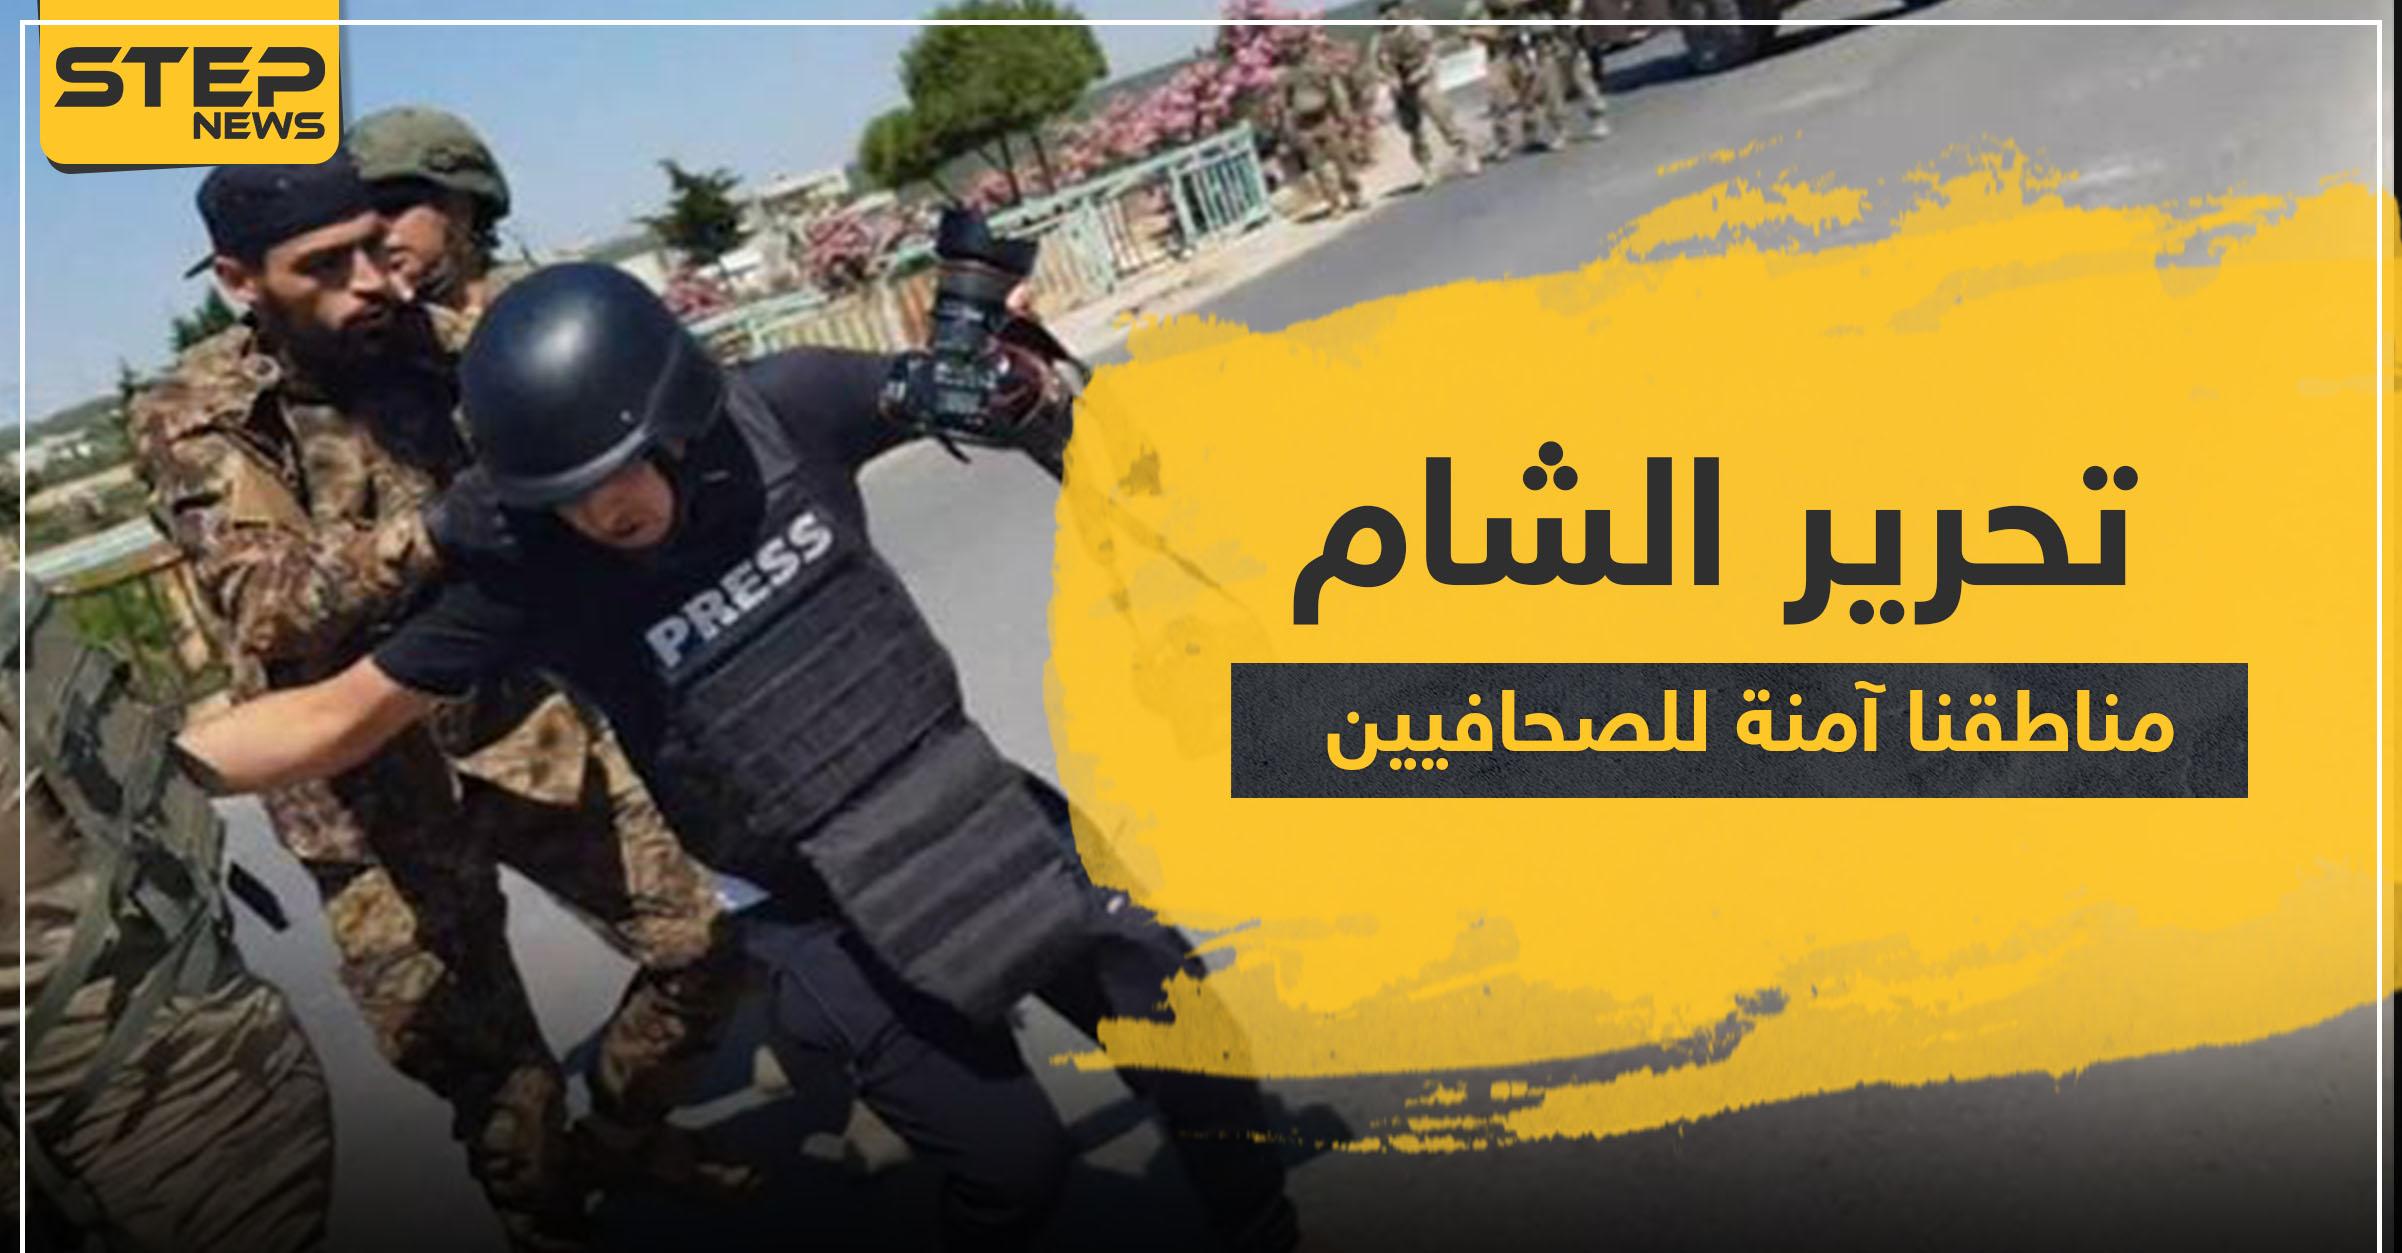 تحرير الشام ترد على تقرير للأمم المتحدة